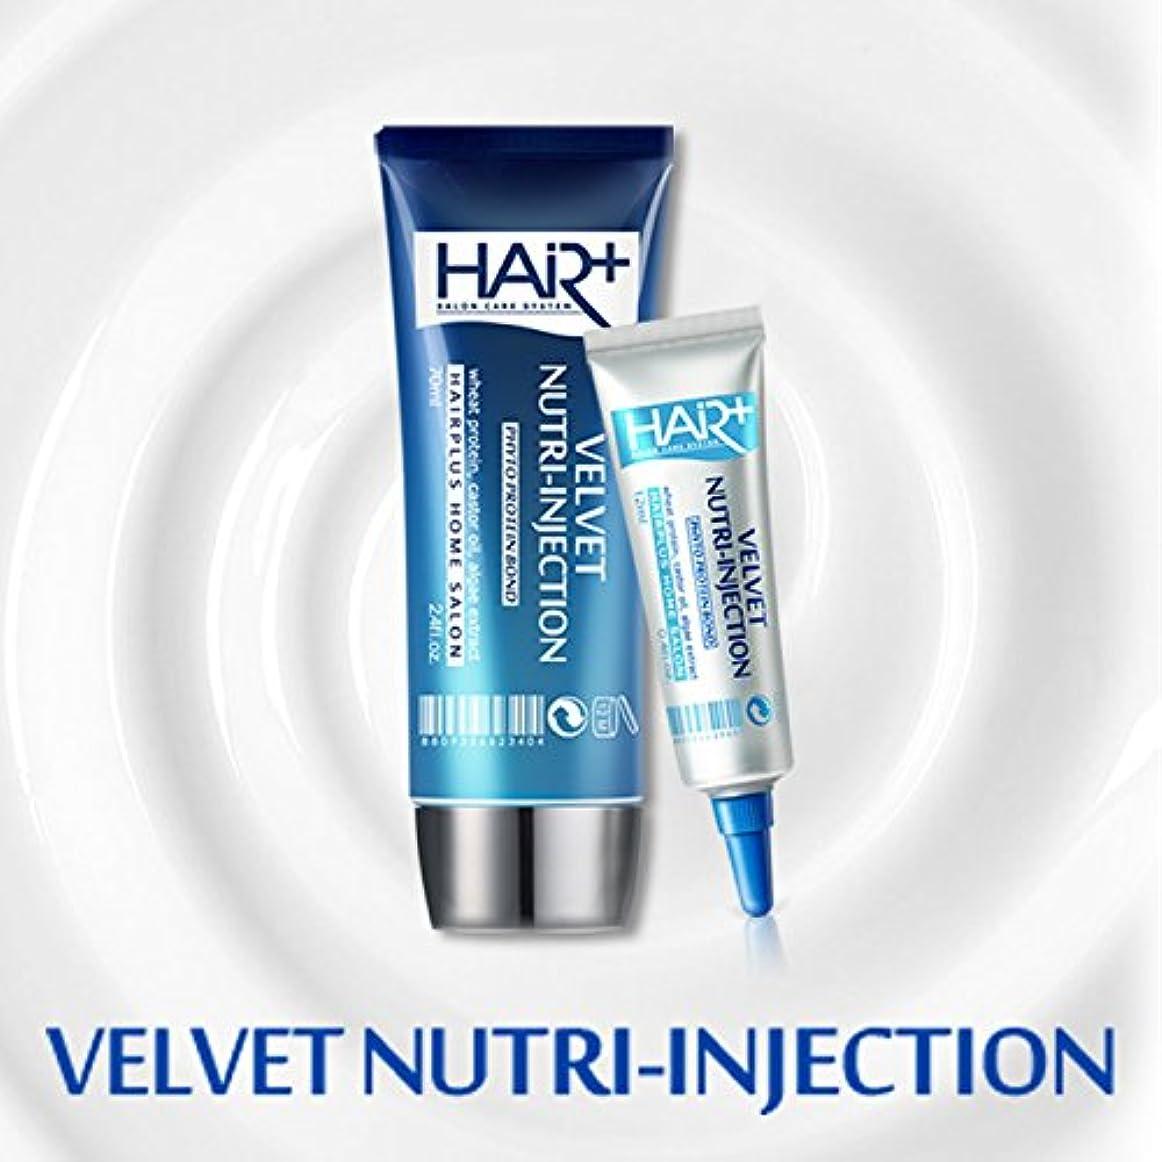 競争力のある一口マッシュヘアプラス(Hairplus)タンパク質ボンドアンプル70ml (NUTRI-INJECTION) + 12ml [並行輸入品]